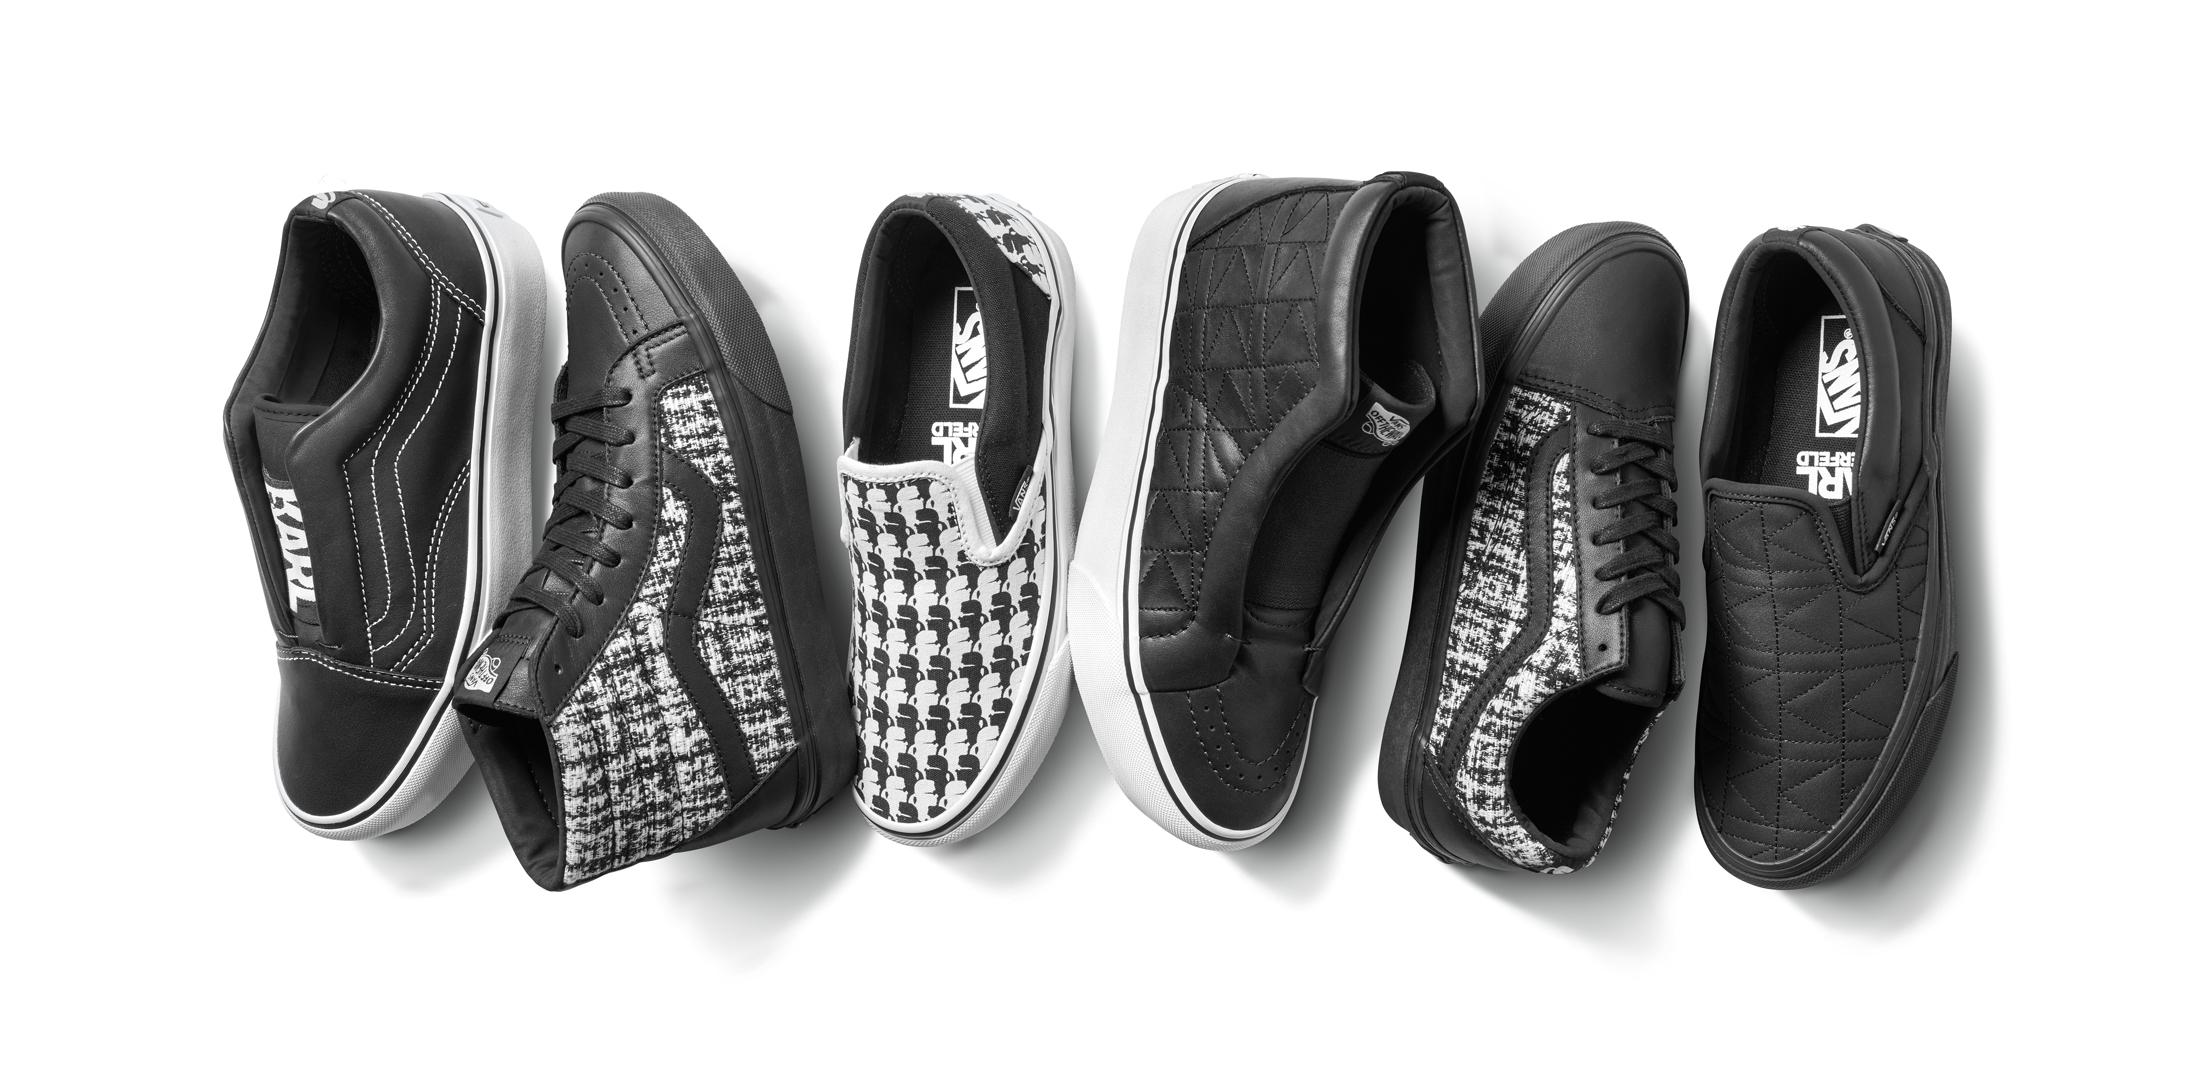 Découvrez les premiers visuels de la collaboration Karl Lagerfeld x Vans